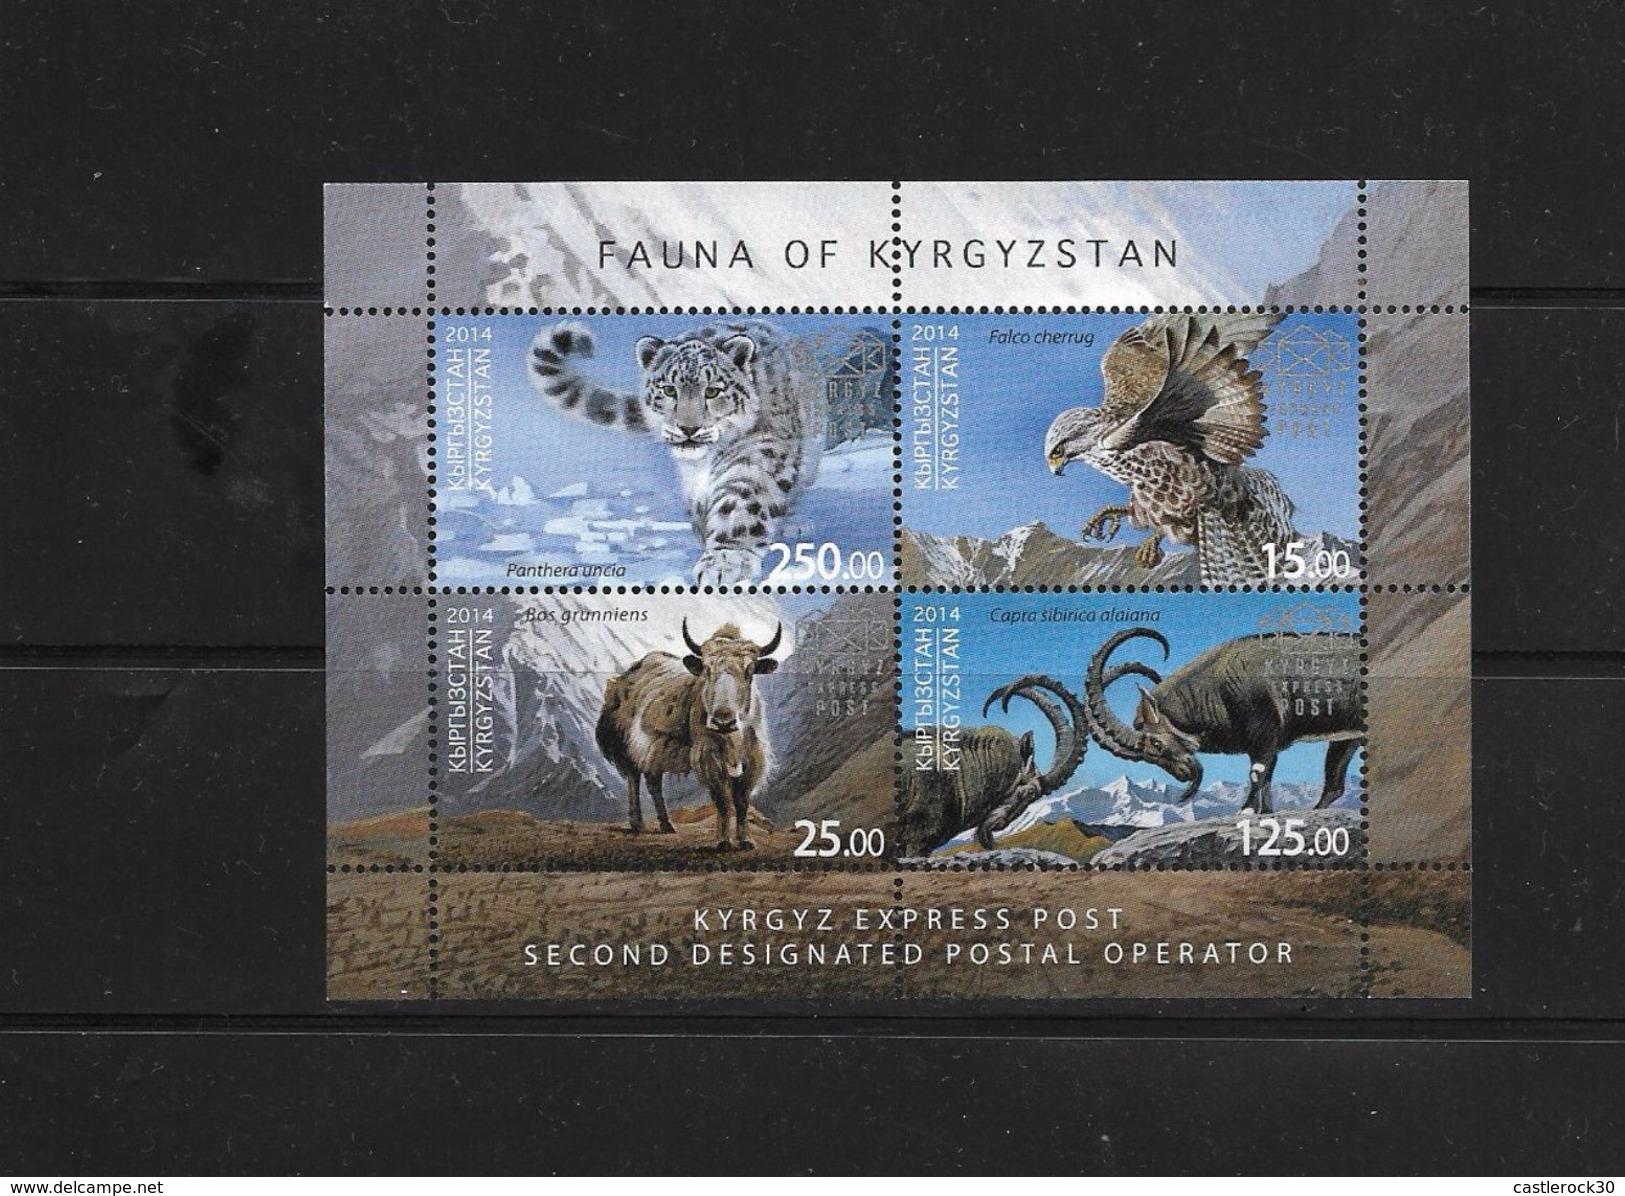 O) 2014 KYRGYZSTAN, FAUNA-PANTHERA UNCIA-FALCO CHERRUG-BOS GRUNNIENS-CAPRA SIBIRICA, MOUNTAINS-ALPS, SOUVENIR MNH - Kyrgyzstan